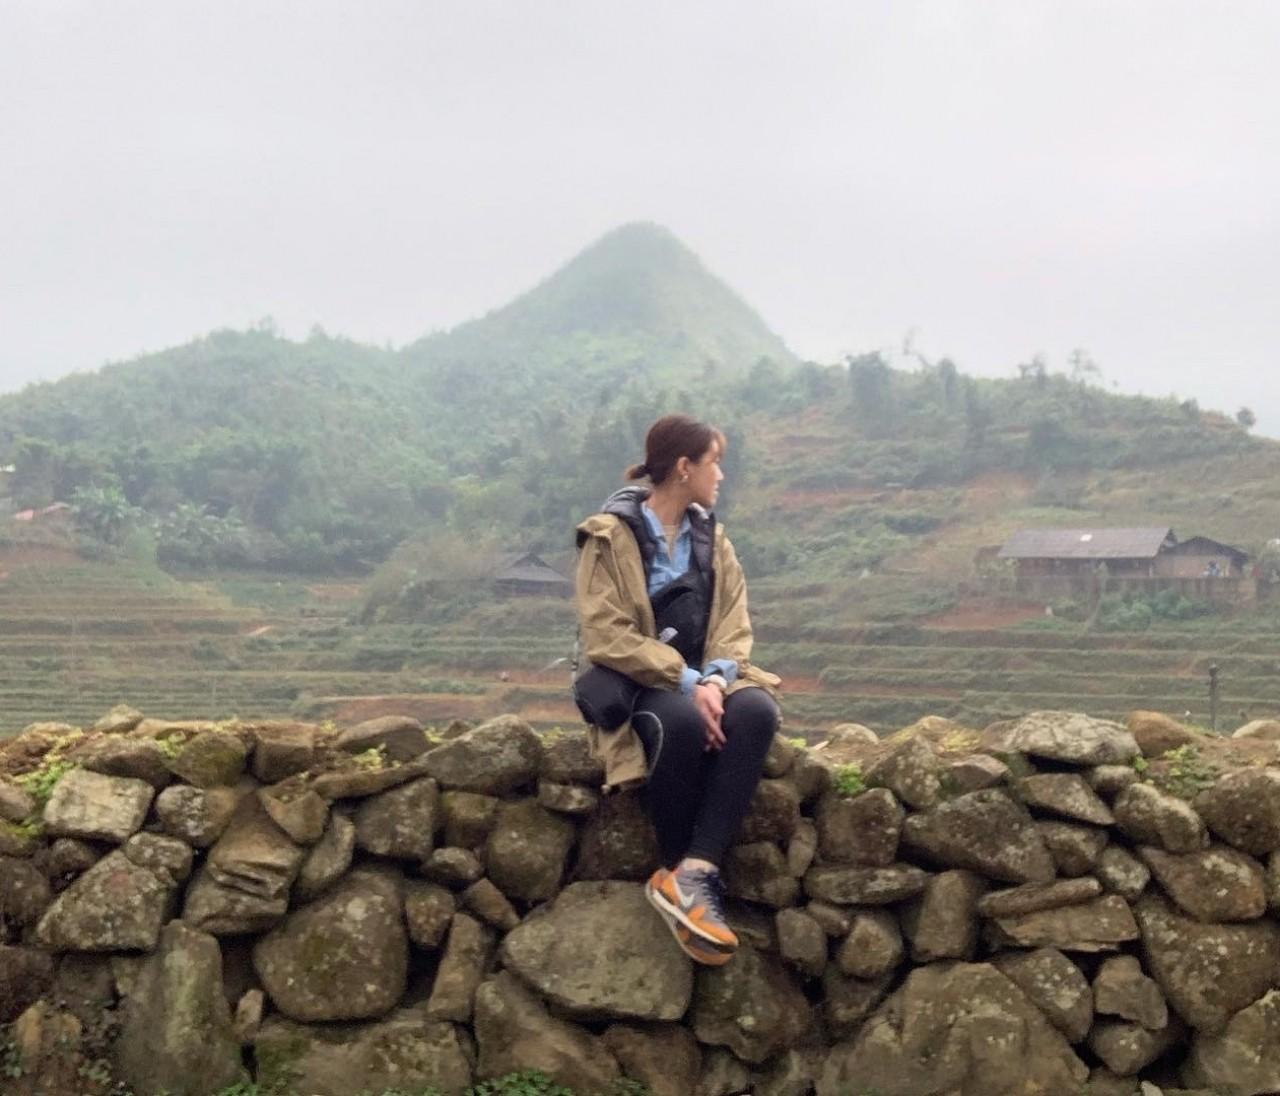 色彩豊かなベトナム旅①【少数民族に会いに国境の街へ】